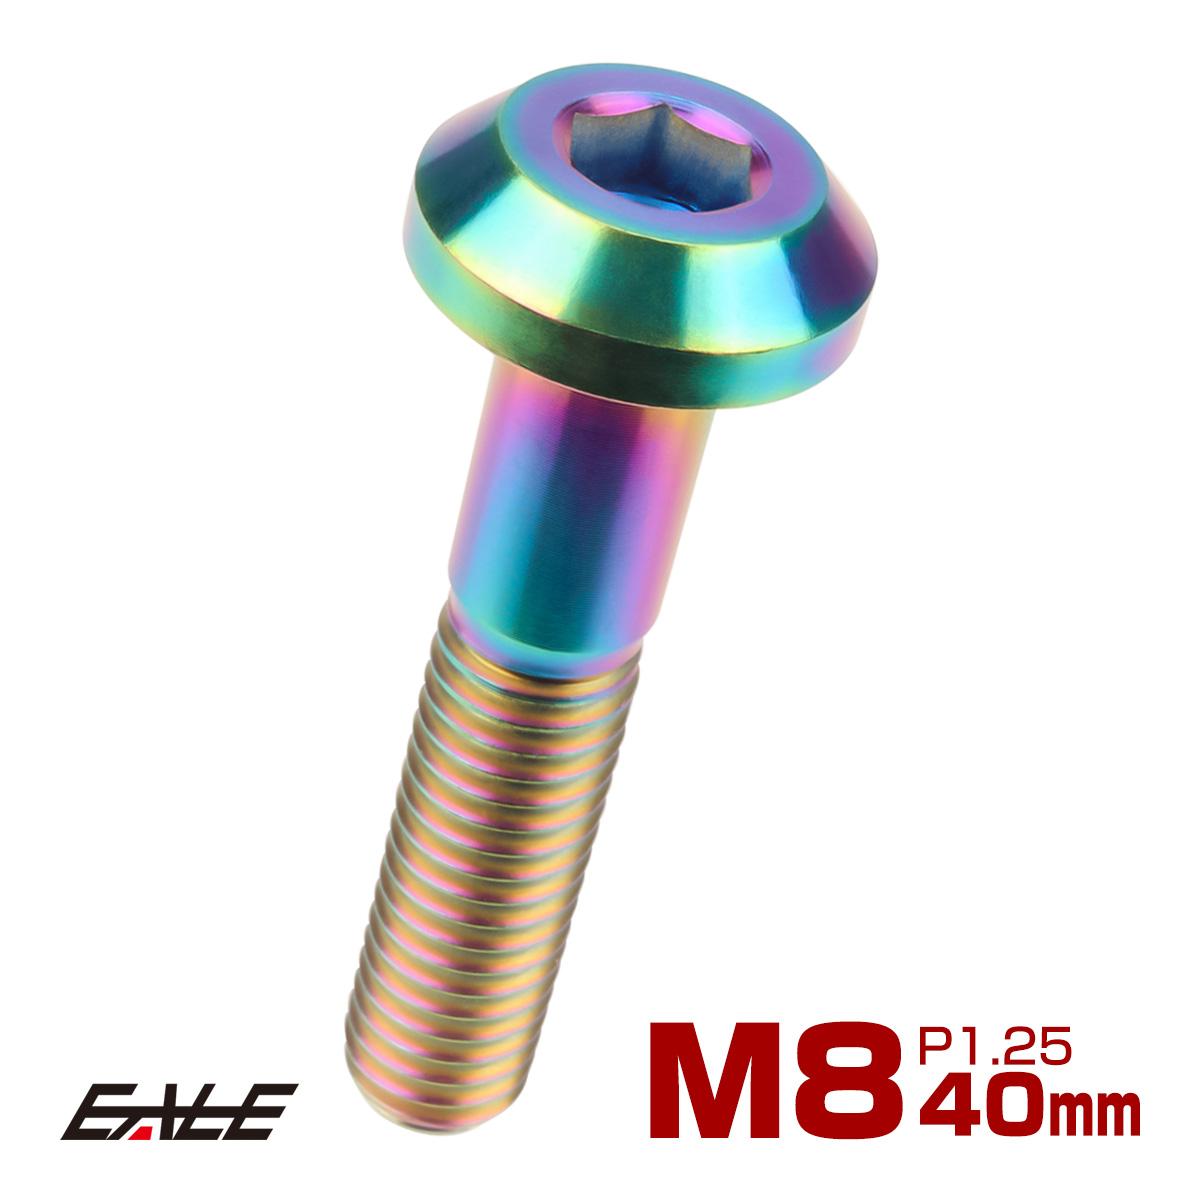 【ネコポス可】 64チタン製 ボタンボルト M8×40mm P1.25 六角穴 テーパーヘッド カスタムボルト レインボー 焼きチタン色 JA761